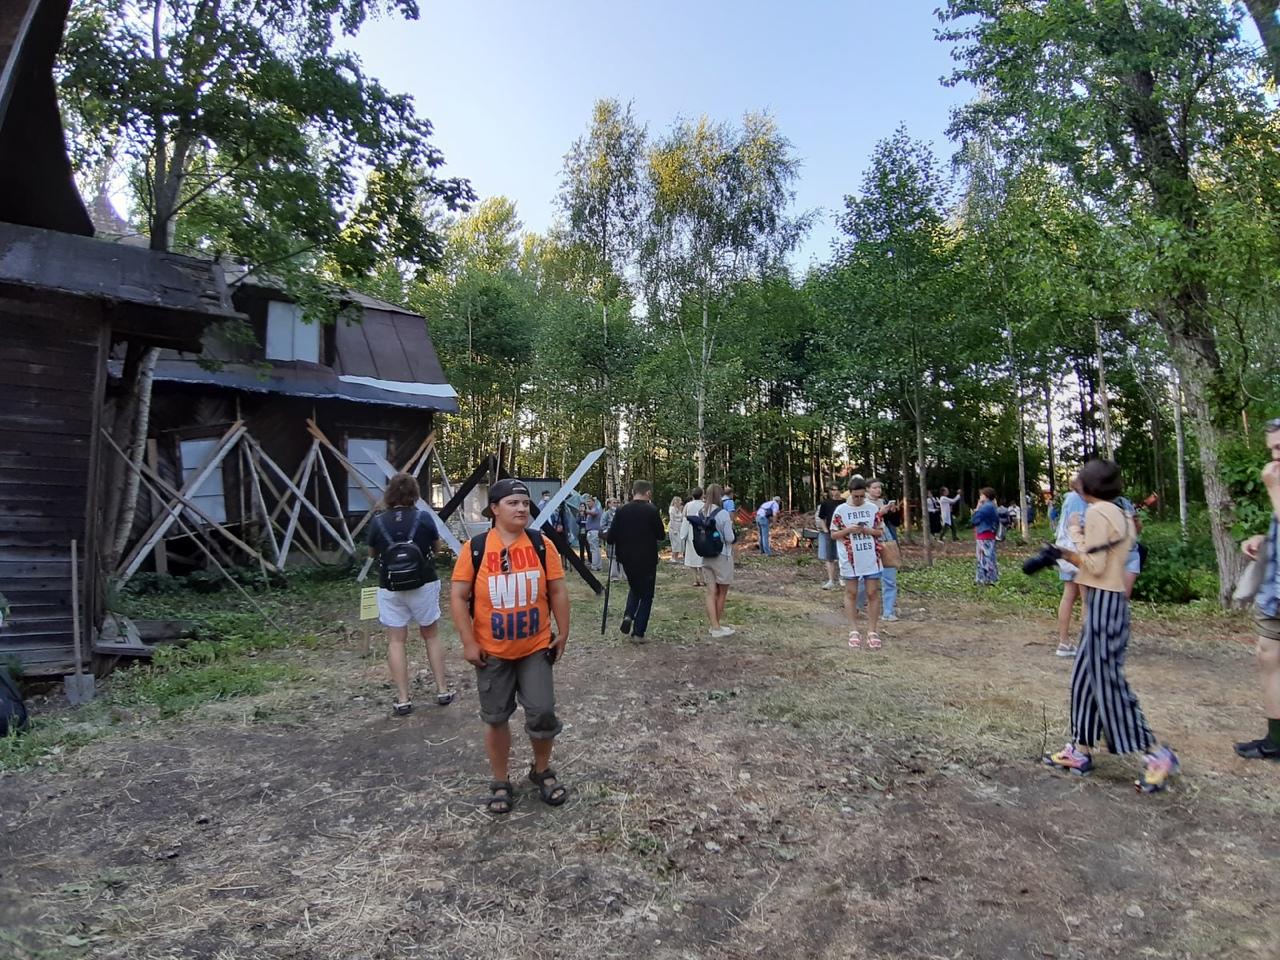 «Дача (деревянная 2-этажная)» в посёлке Левашово - объект культурного наследия